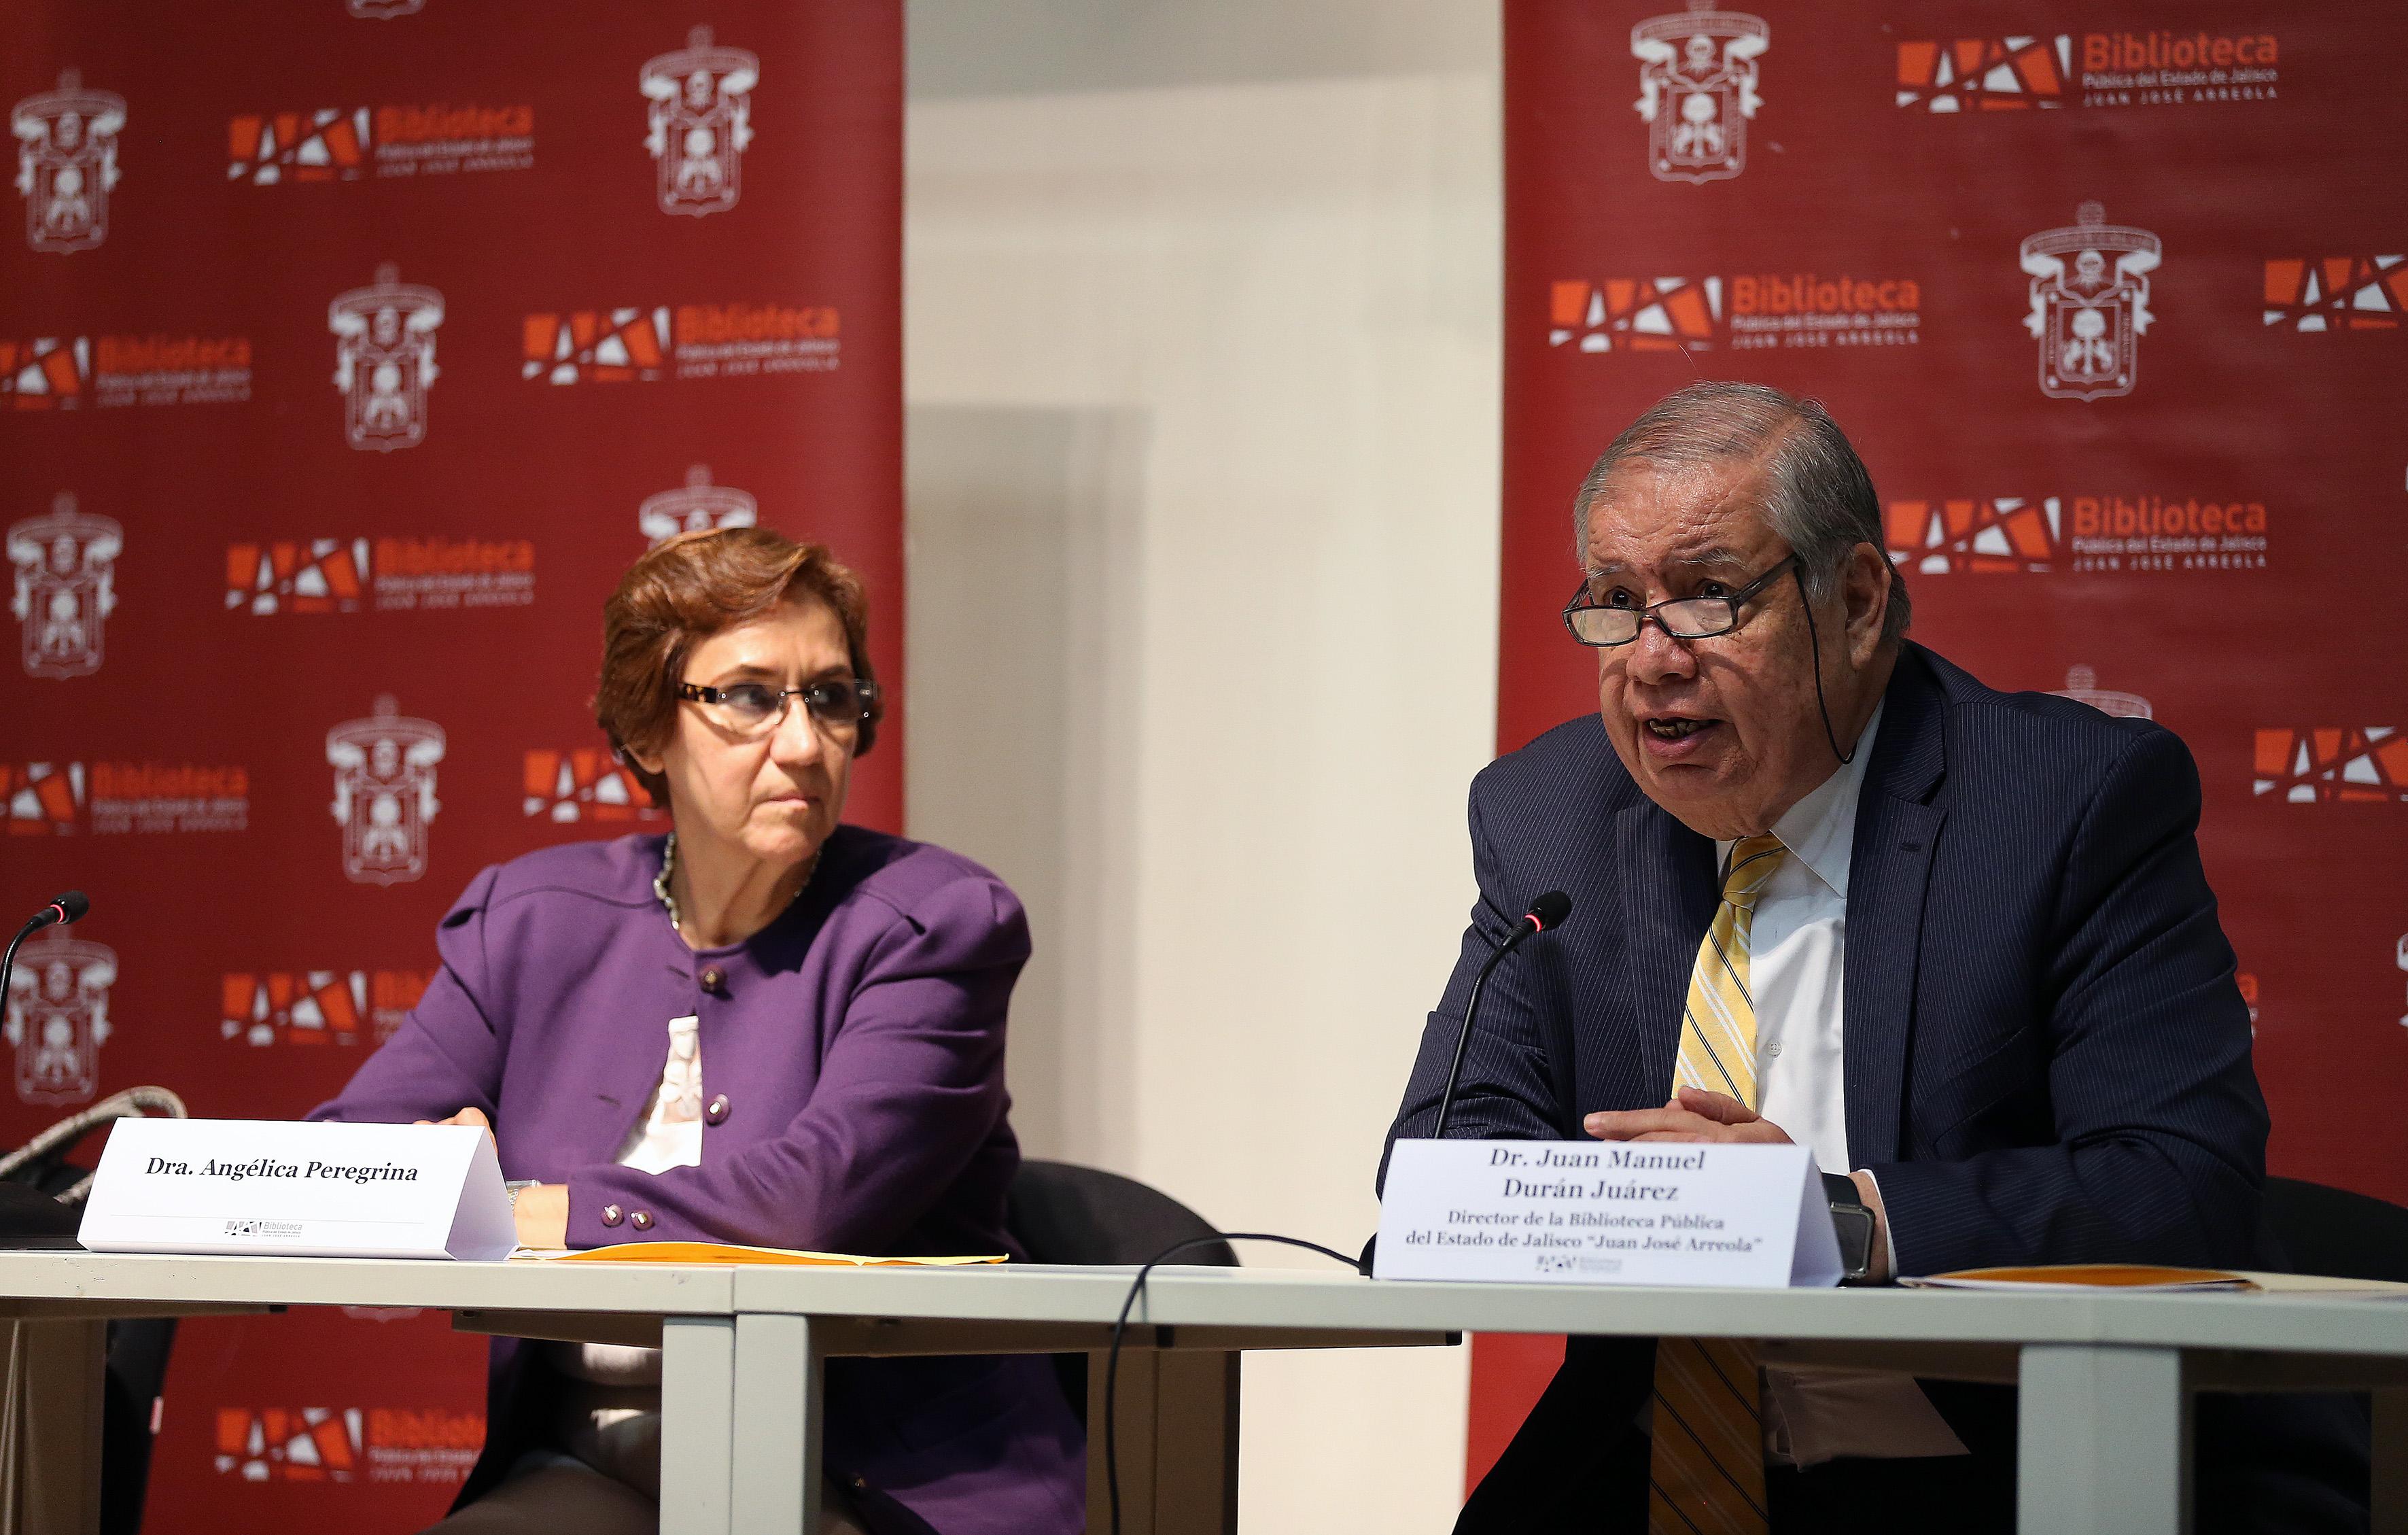 """Conferencia """"Mariano Otero"""", que la historiadora Angélica Peregrina impartió en la Biblioteca Pública del Estado de Jalisco """"Juan José Arreola"""""""